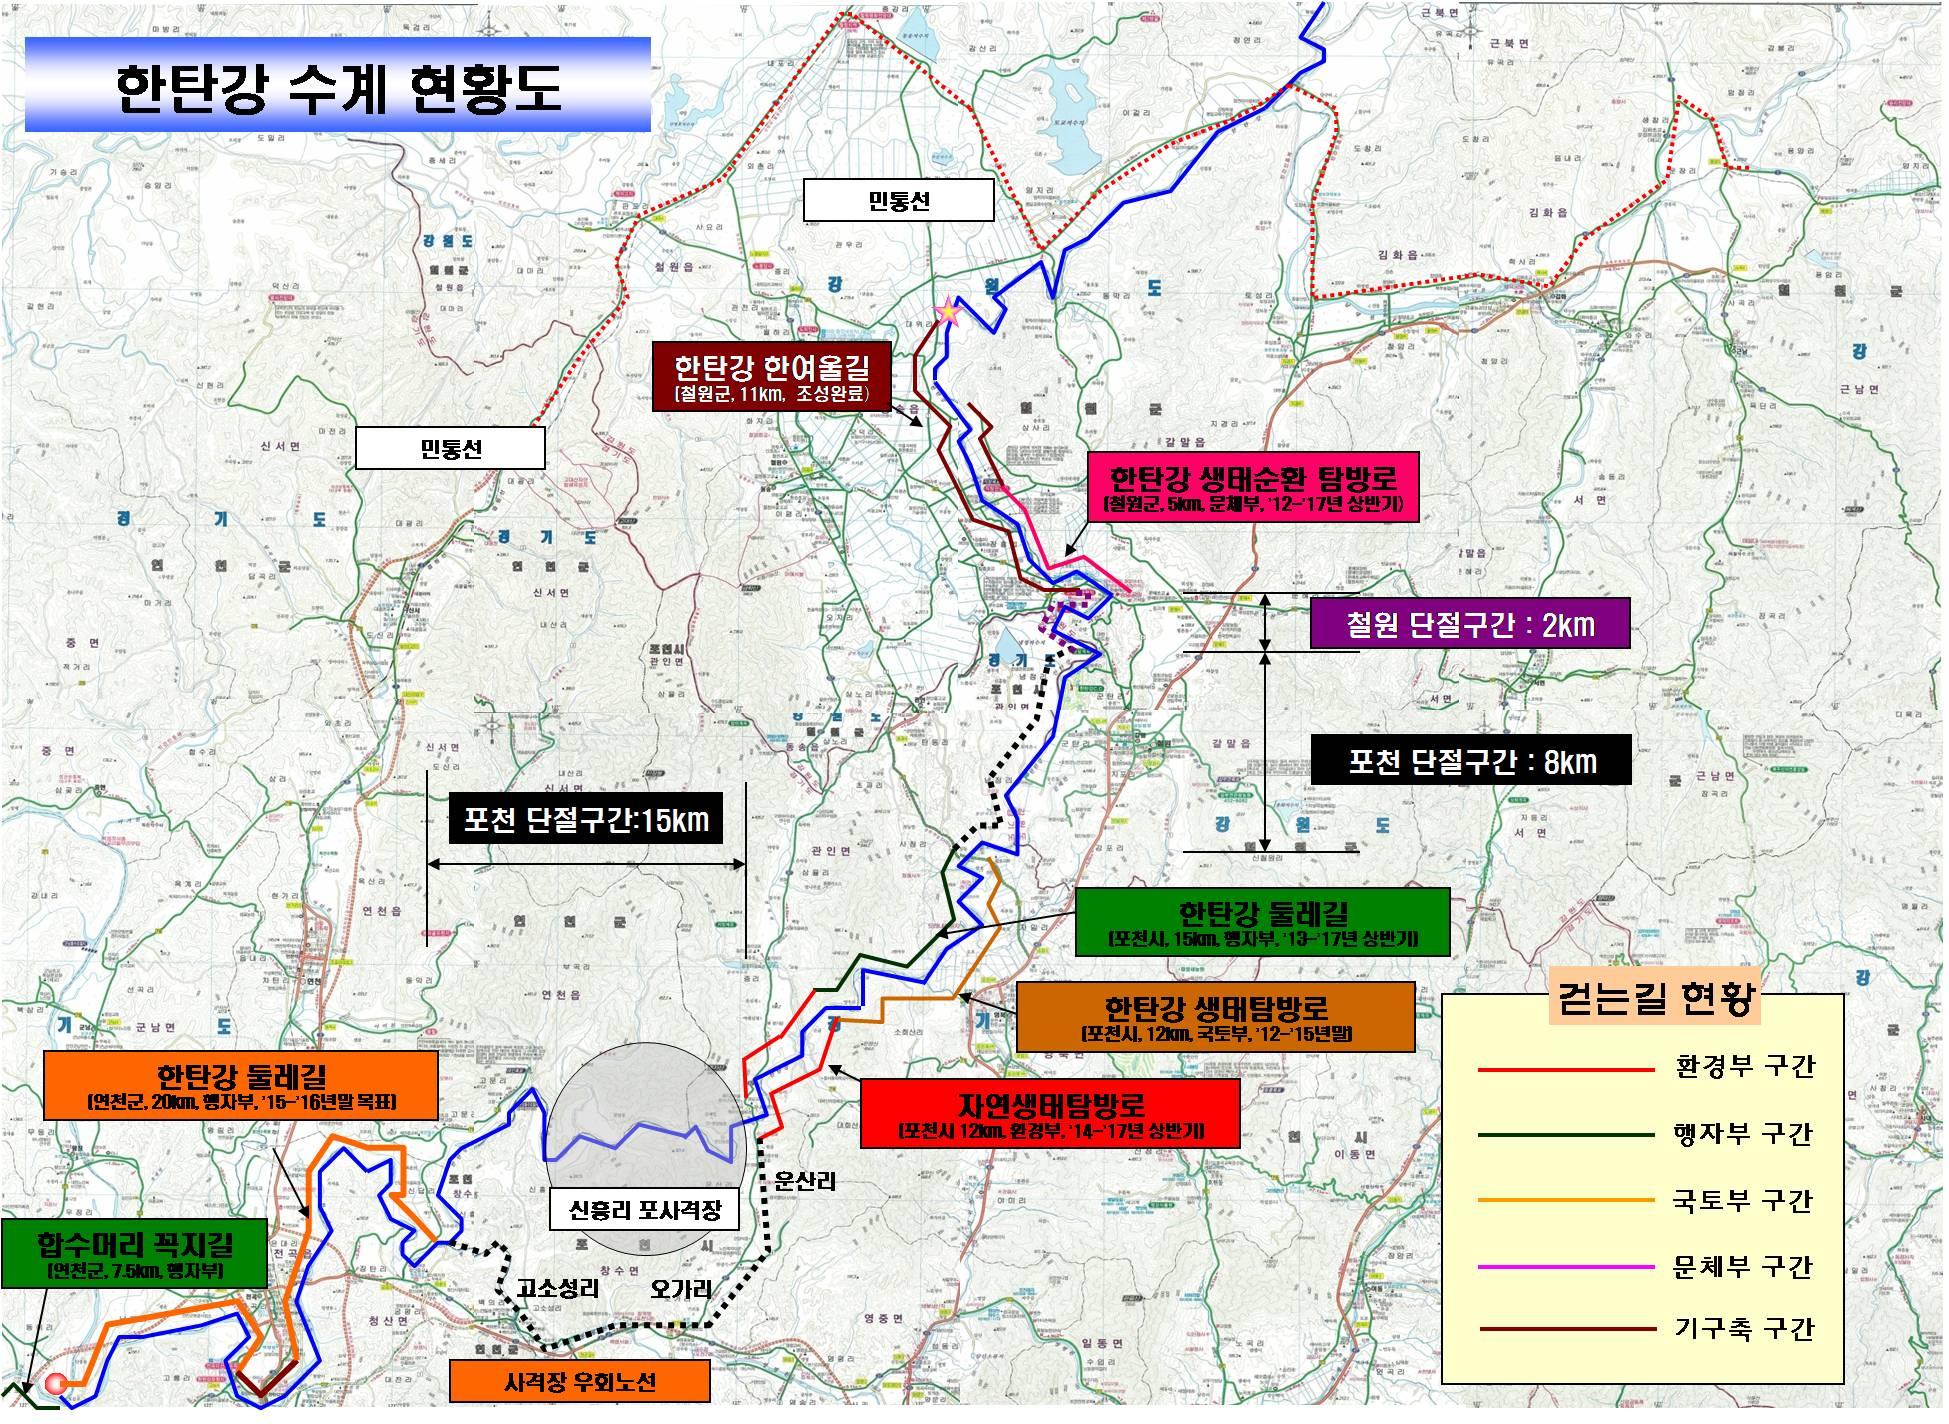 접경지역 한탄강 인문자원 발굴 및 브랜드 구축 연구용역 추진